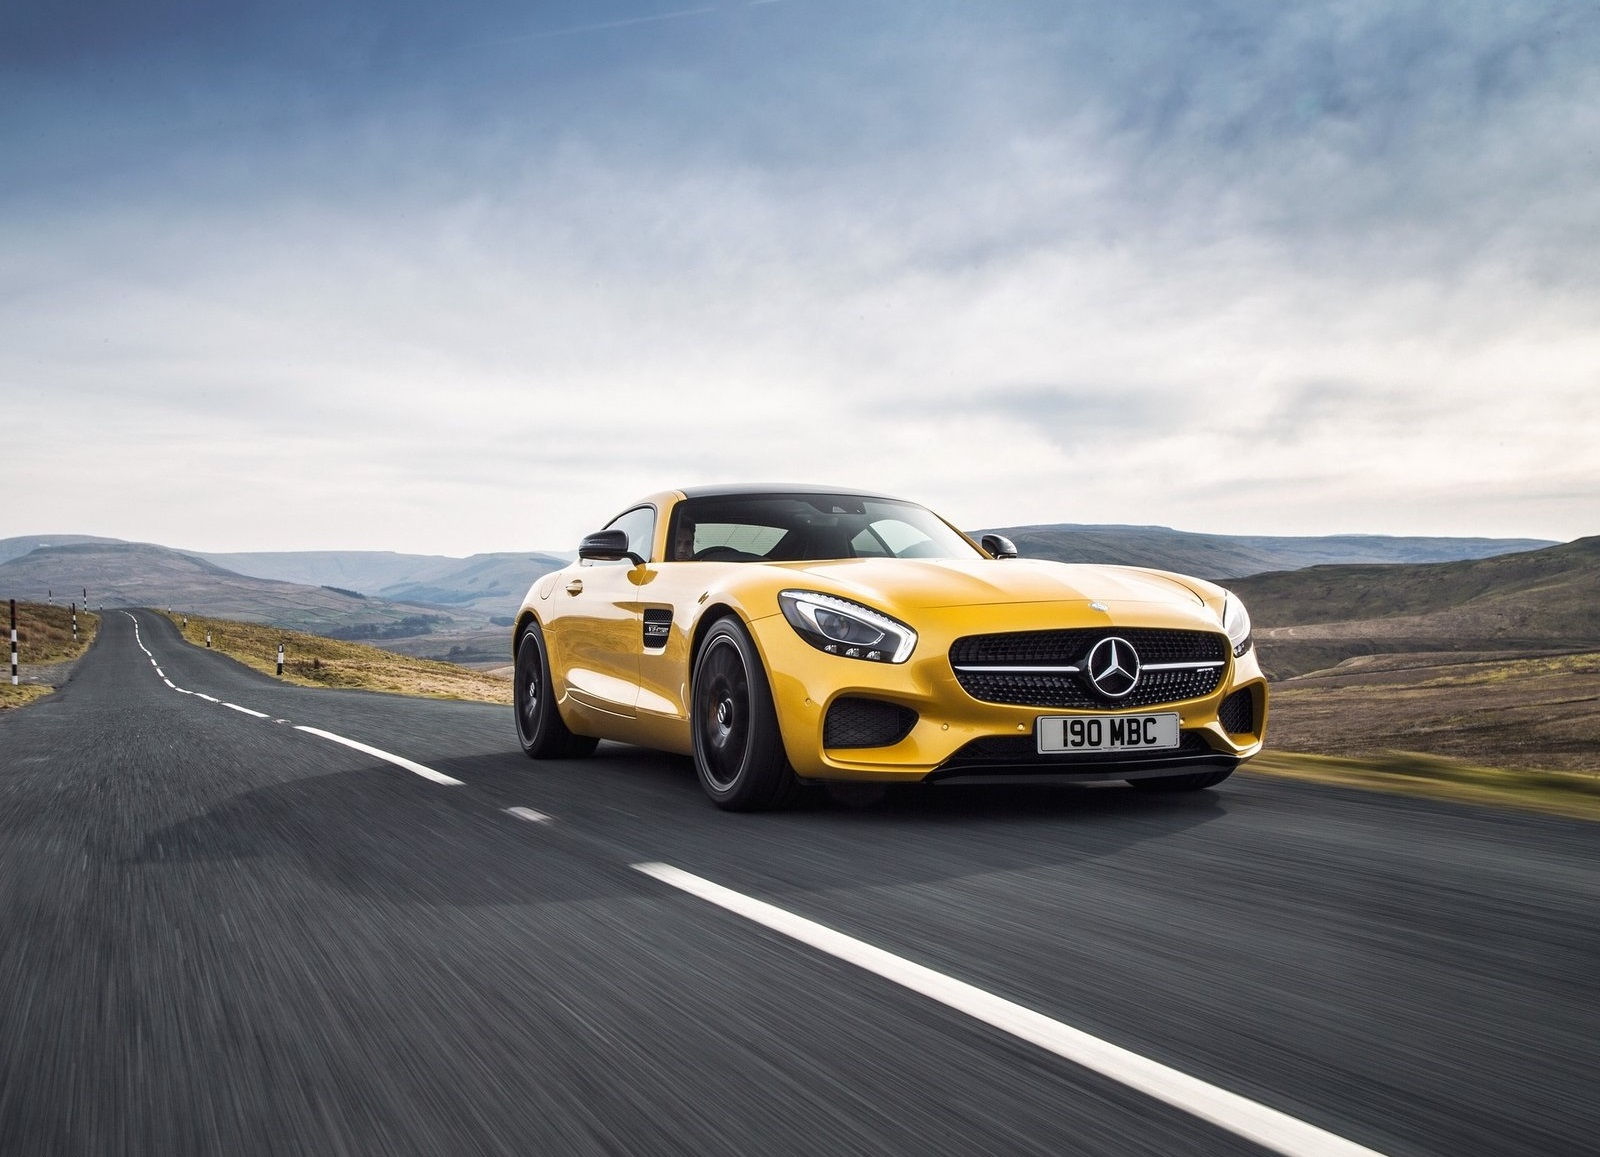 Mercedes-AMG GT S - Circulando en carretera abierta